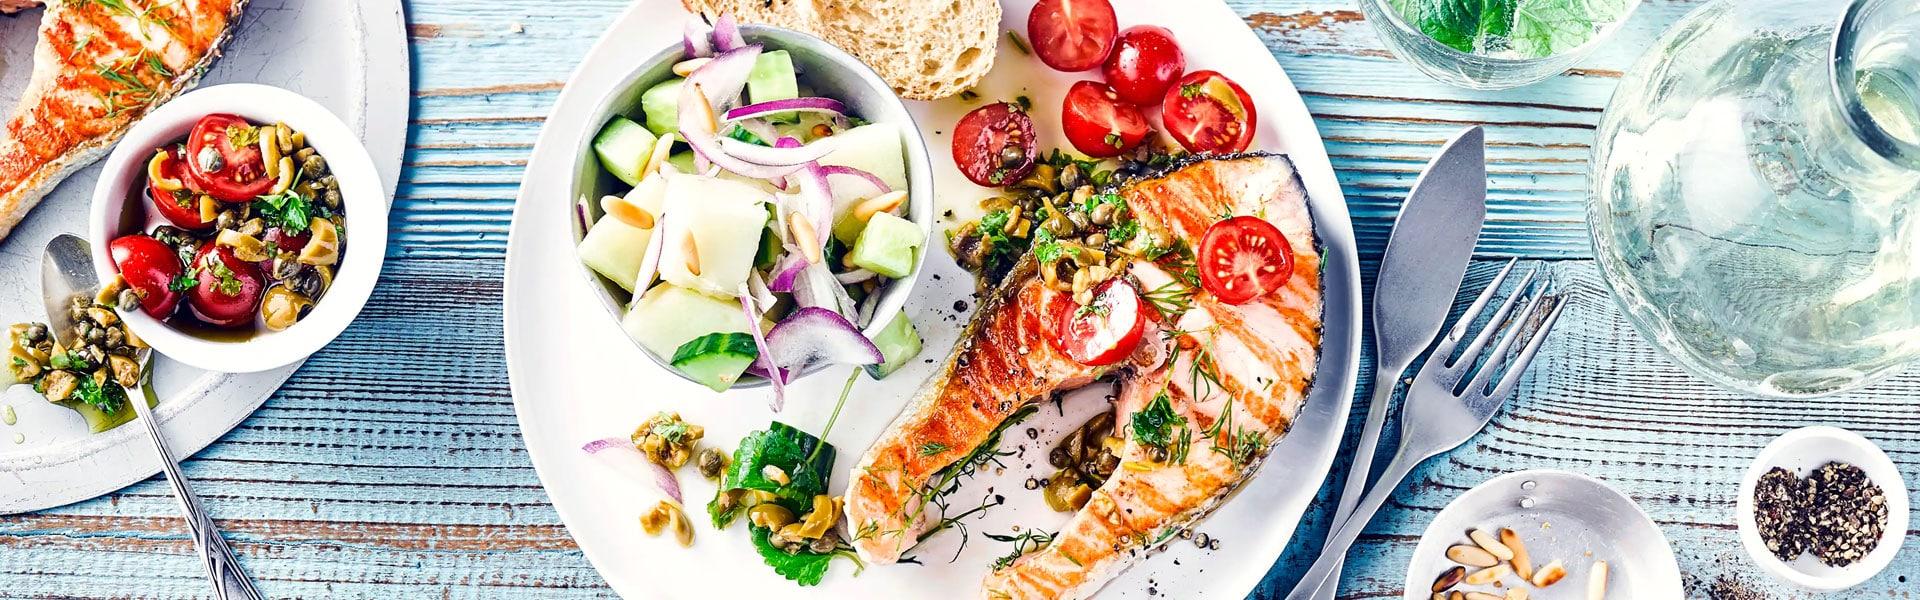 Lachssteak mit Melonen-Salat